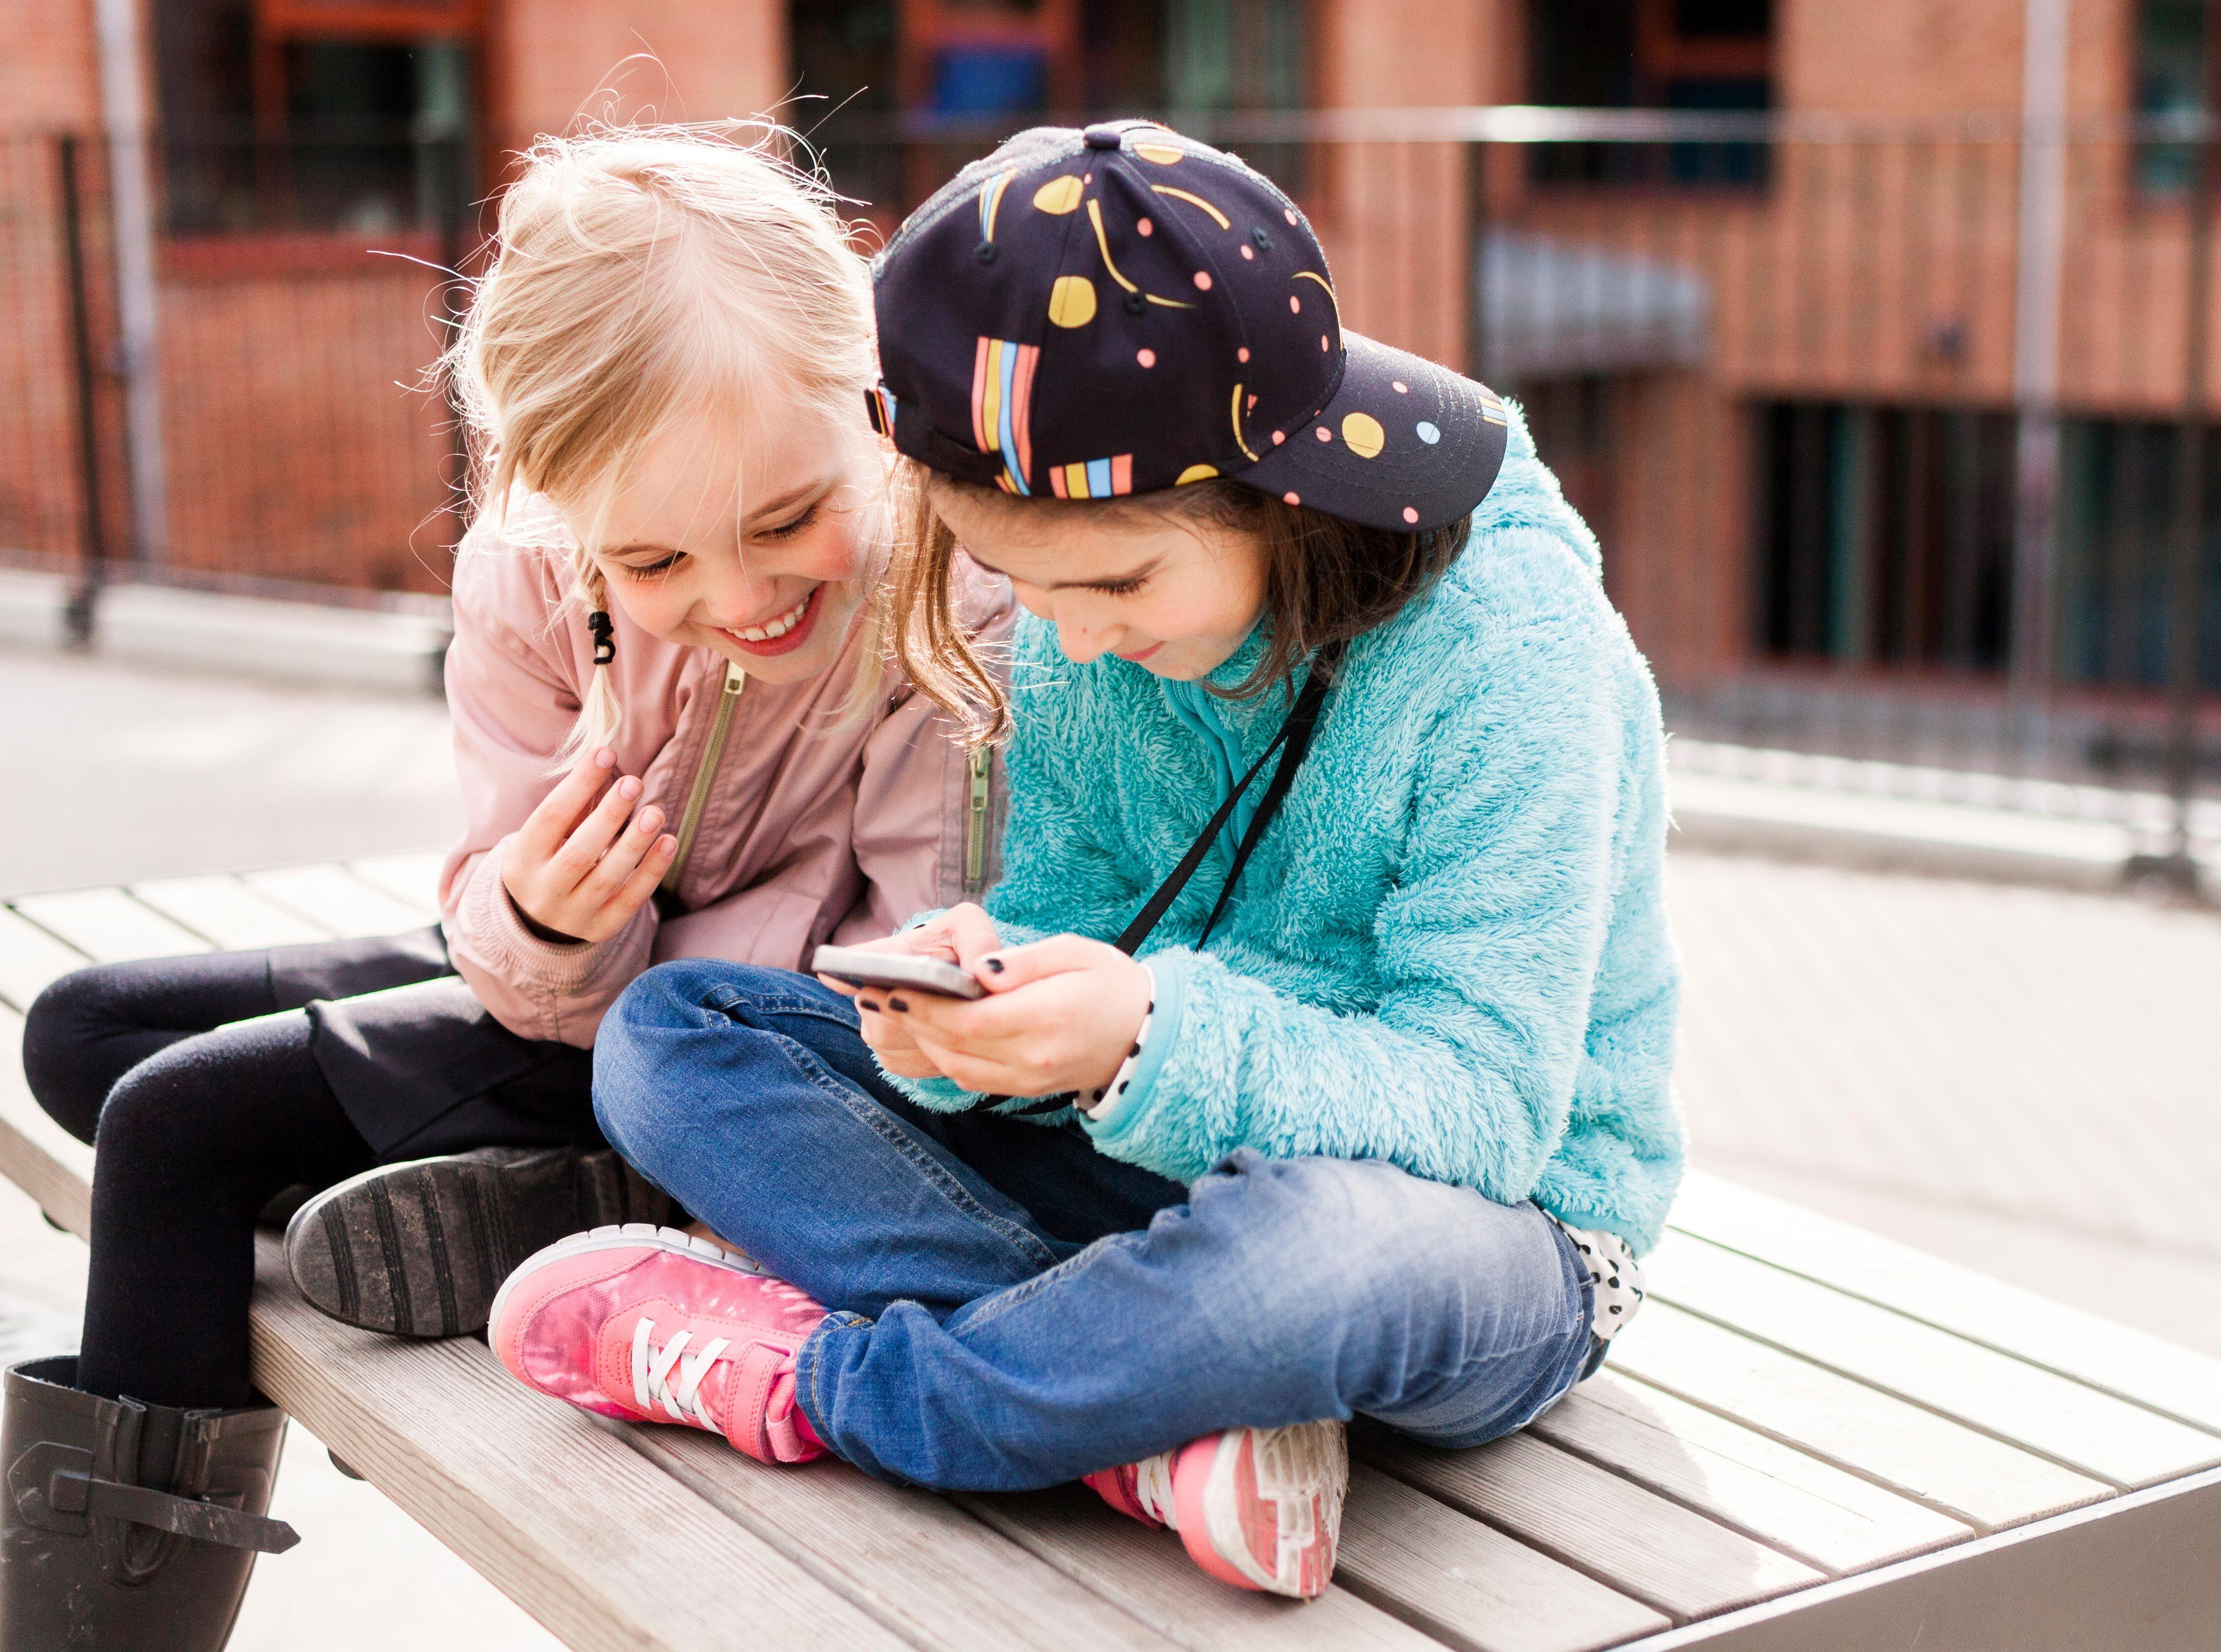 Infancia y redes sociales: los peligros de la adicción